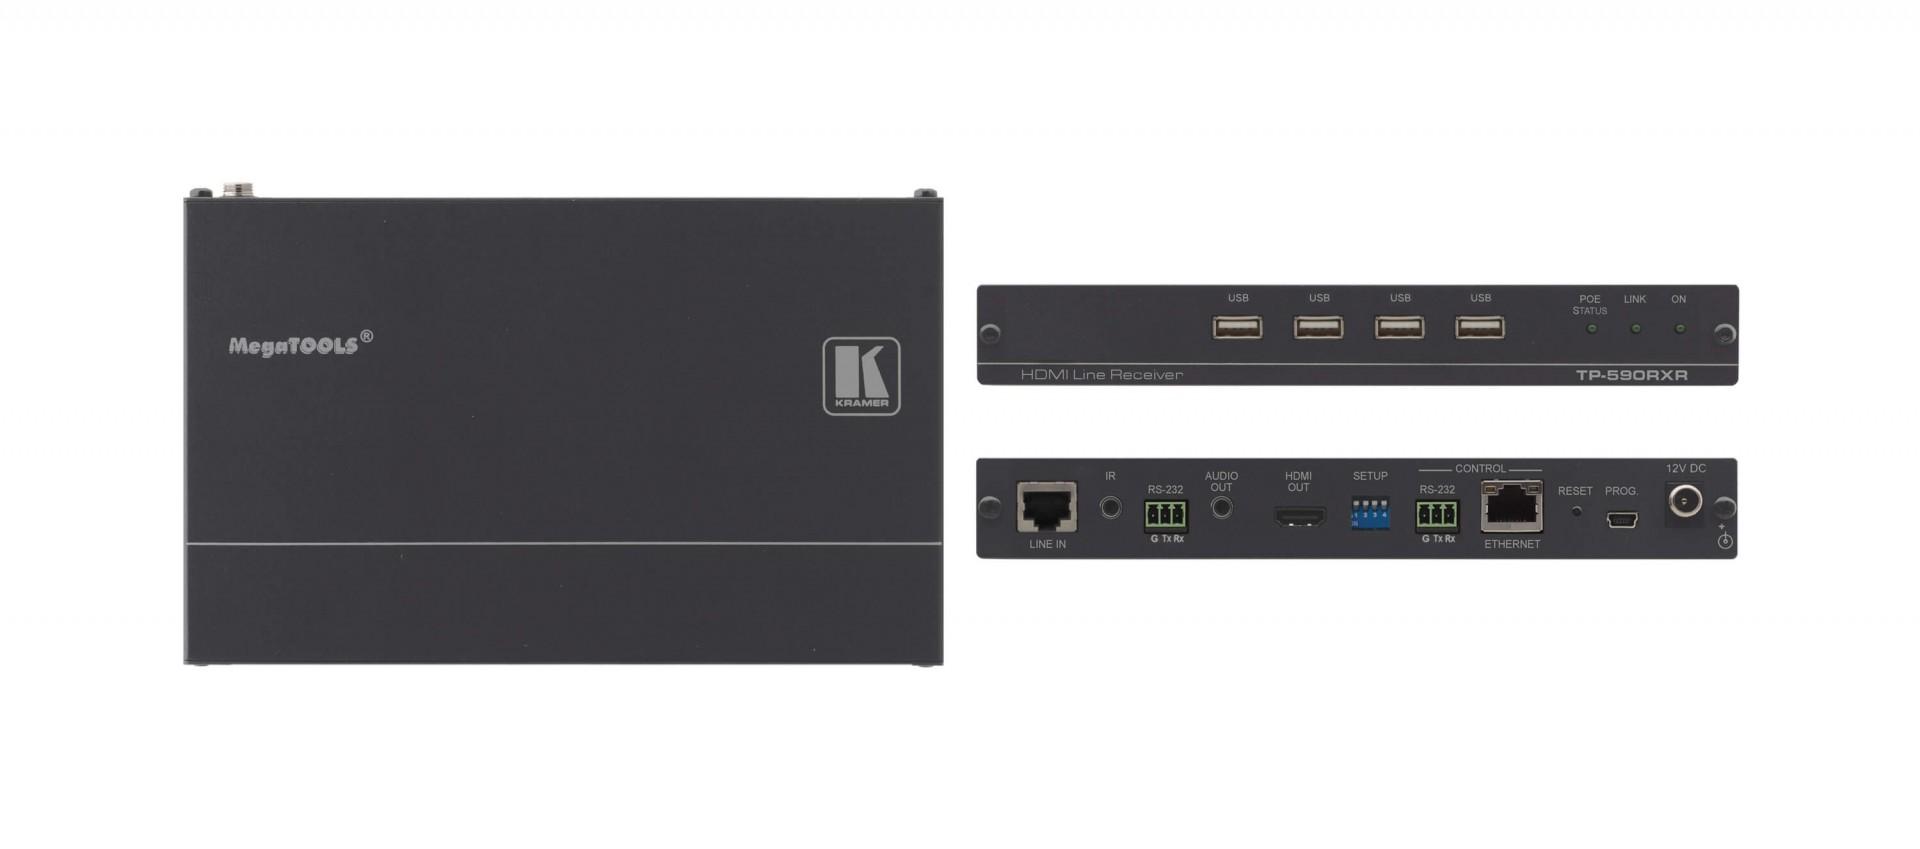 Kramer TP-590RXR - 4K60 4:2:0 HDMI PoE Receiver